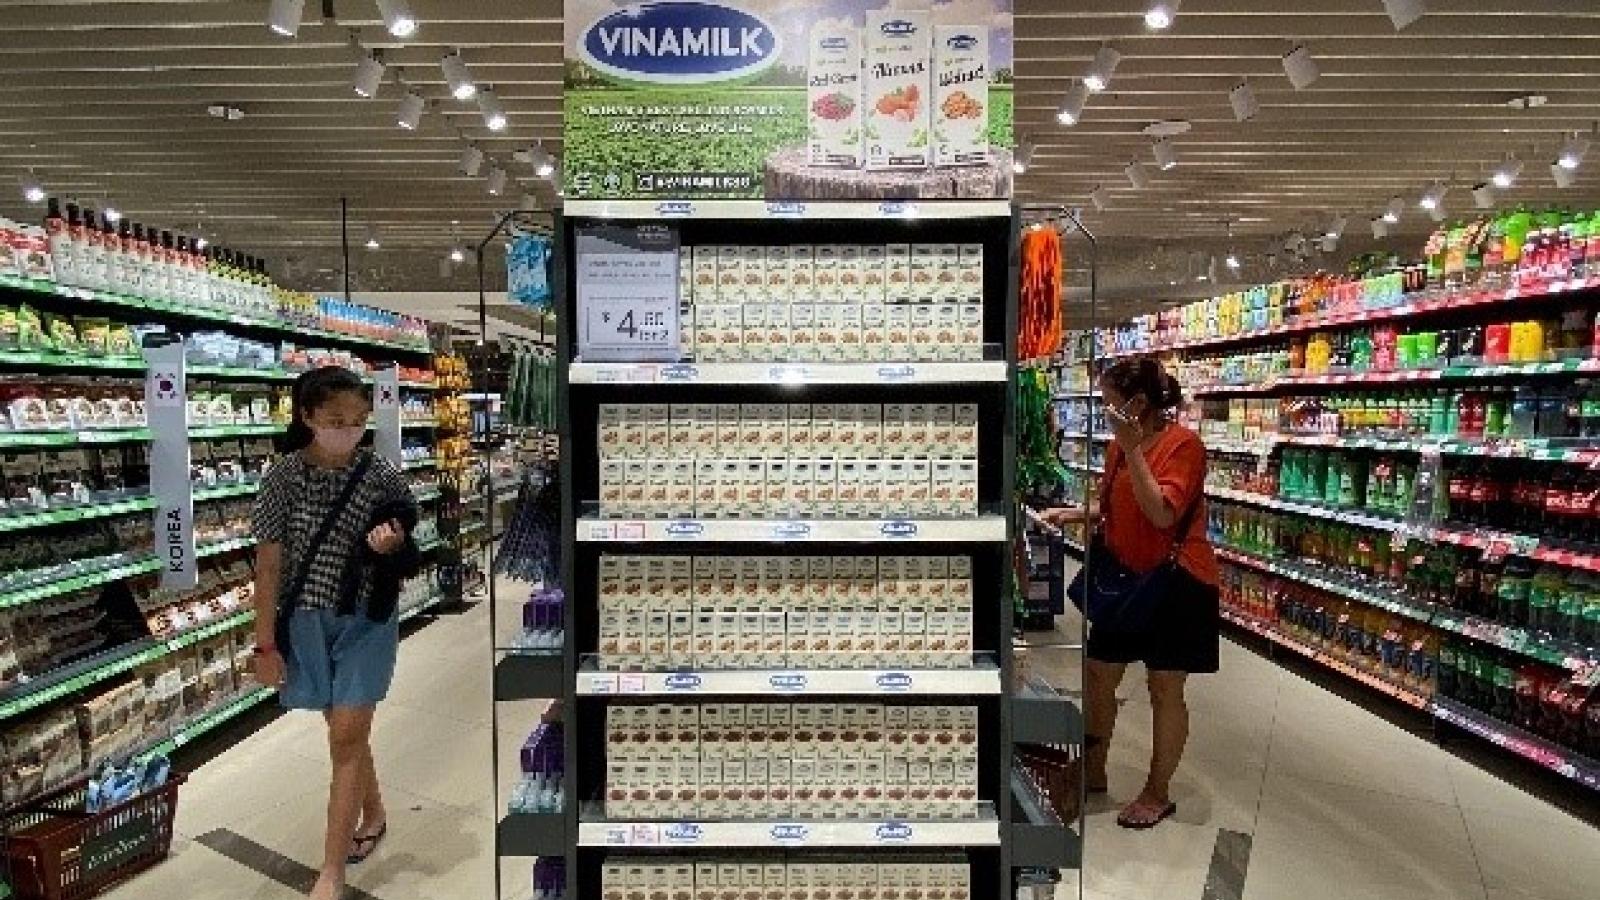 Xuất khẩu sữa tươi chứa tổ yến, Vinamilk phát triển thị trường cao cấp